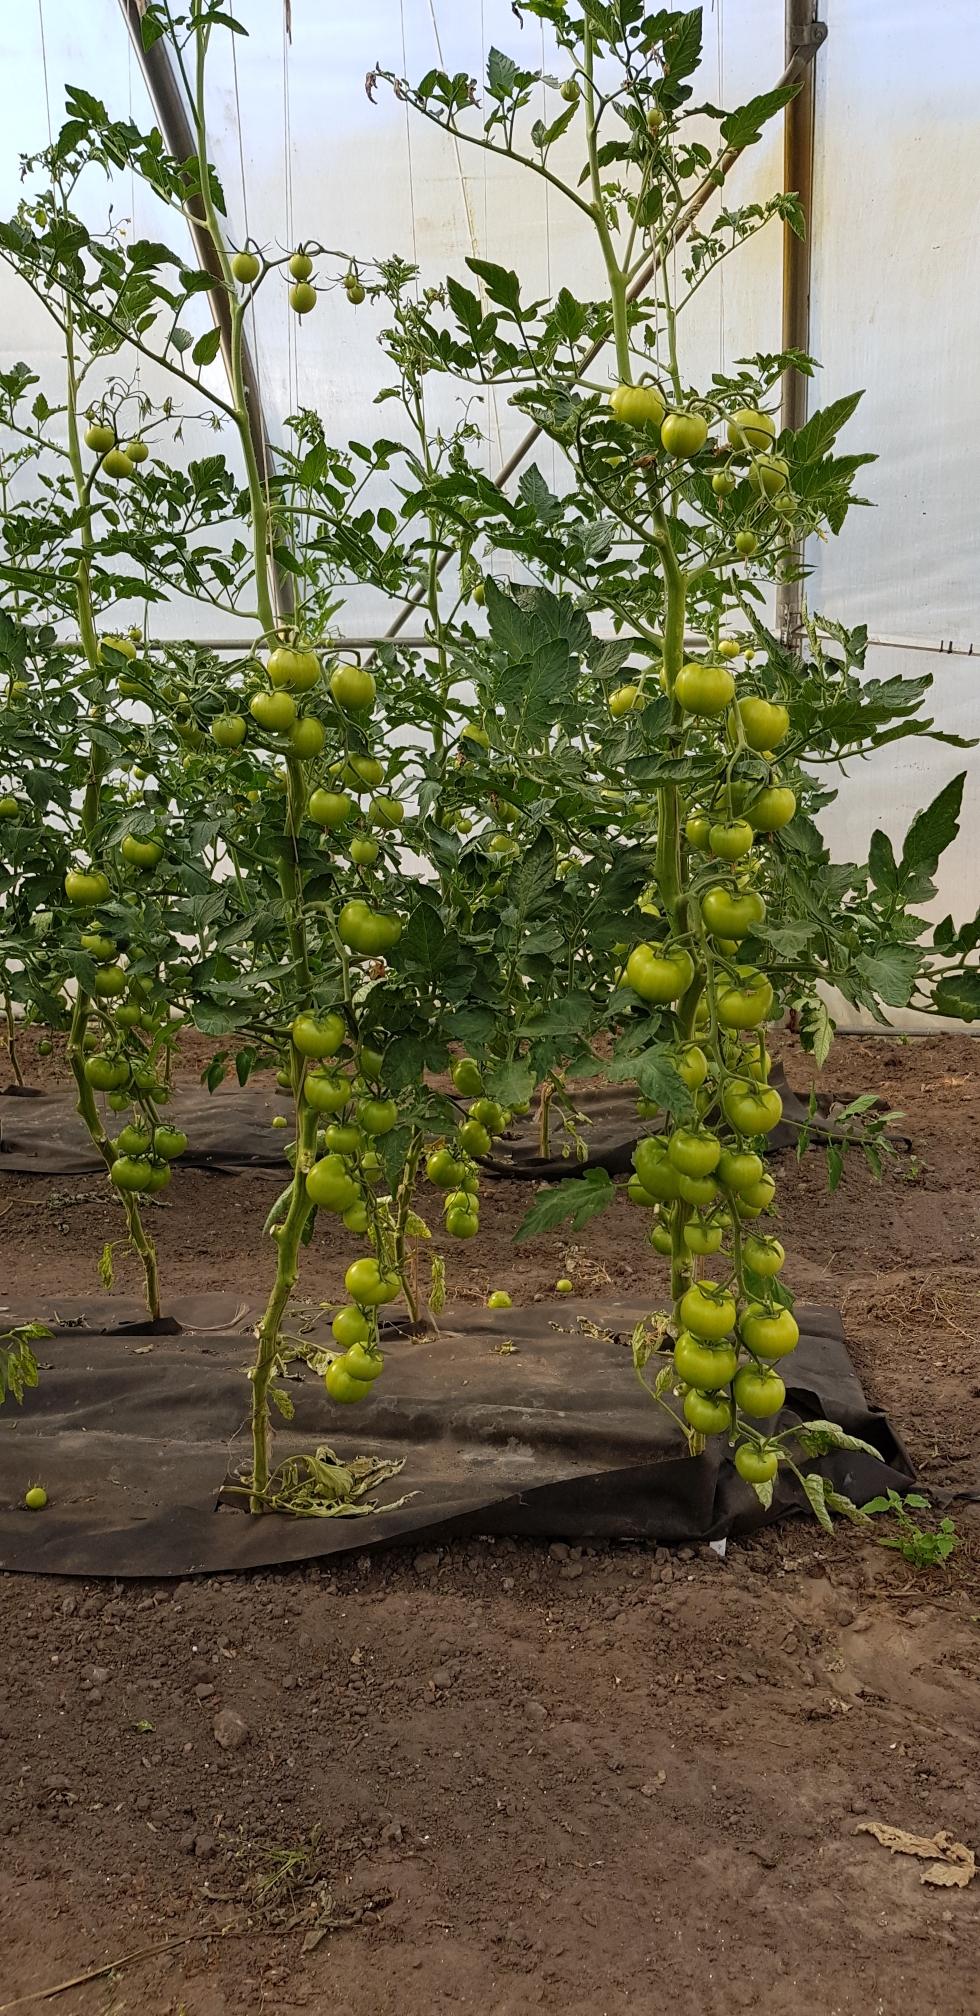 Noch grün, aber schöne Früchte, unsere Tomaten.